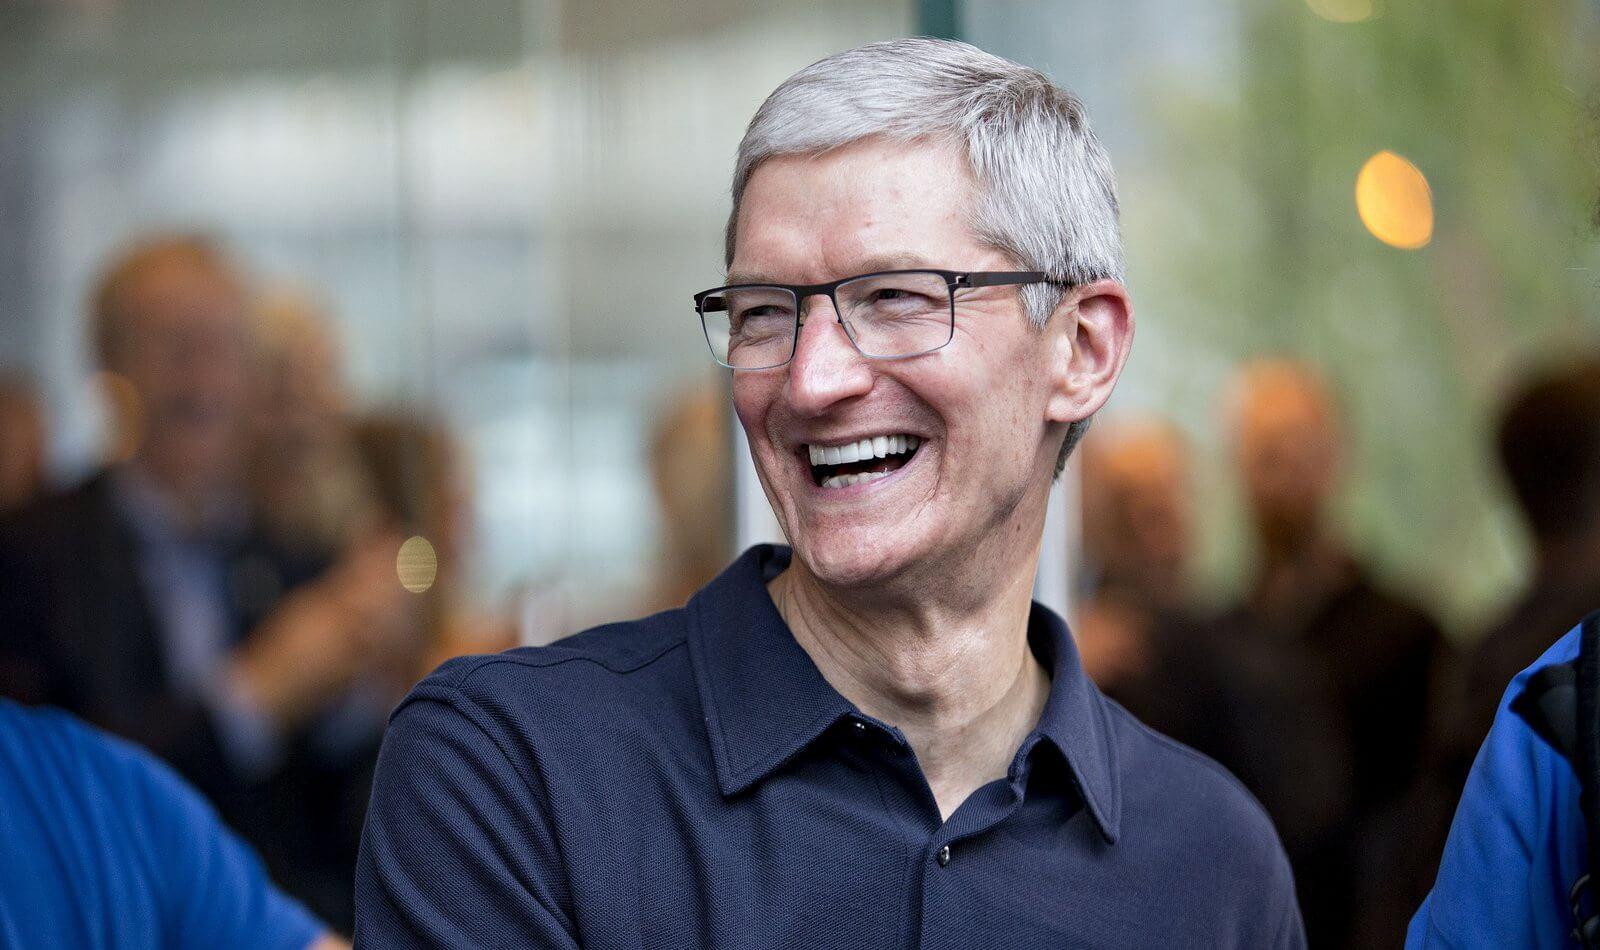 Тим Кук рассказал, как правильно экономить, чтобы купить iPhone X